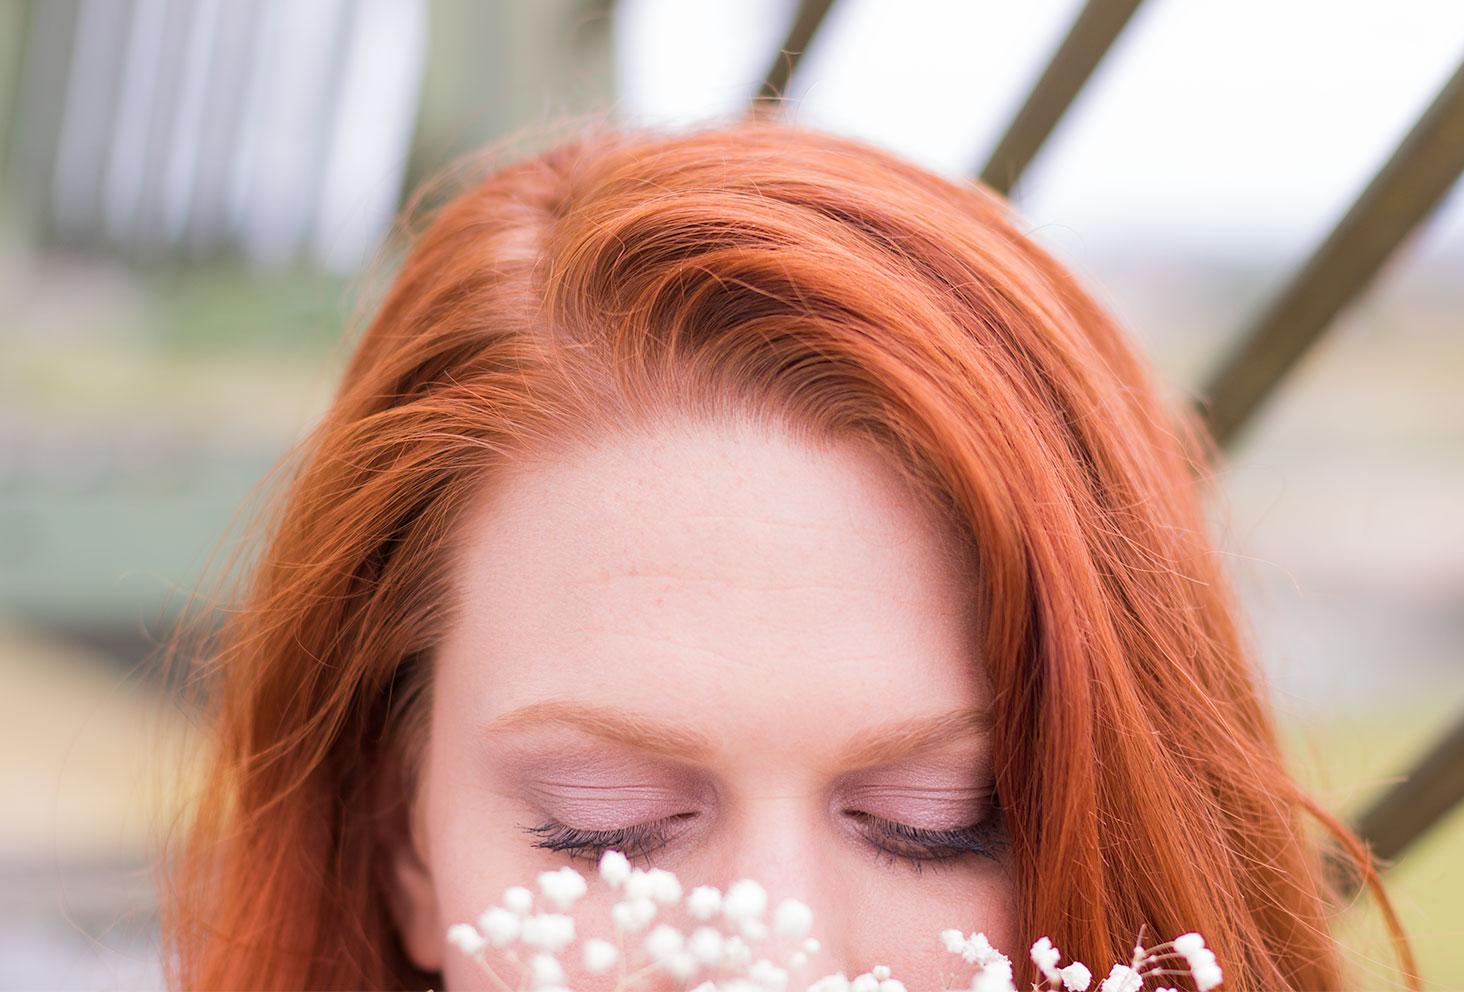 Résultat du tuto make-up, les yeux fermés, réalisé avec la palette Funfetti de Too Faced et des cheveux roux en extérieur